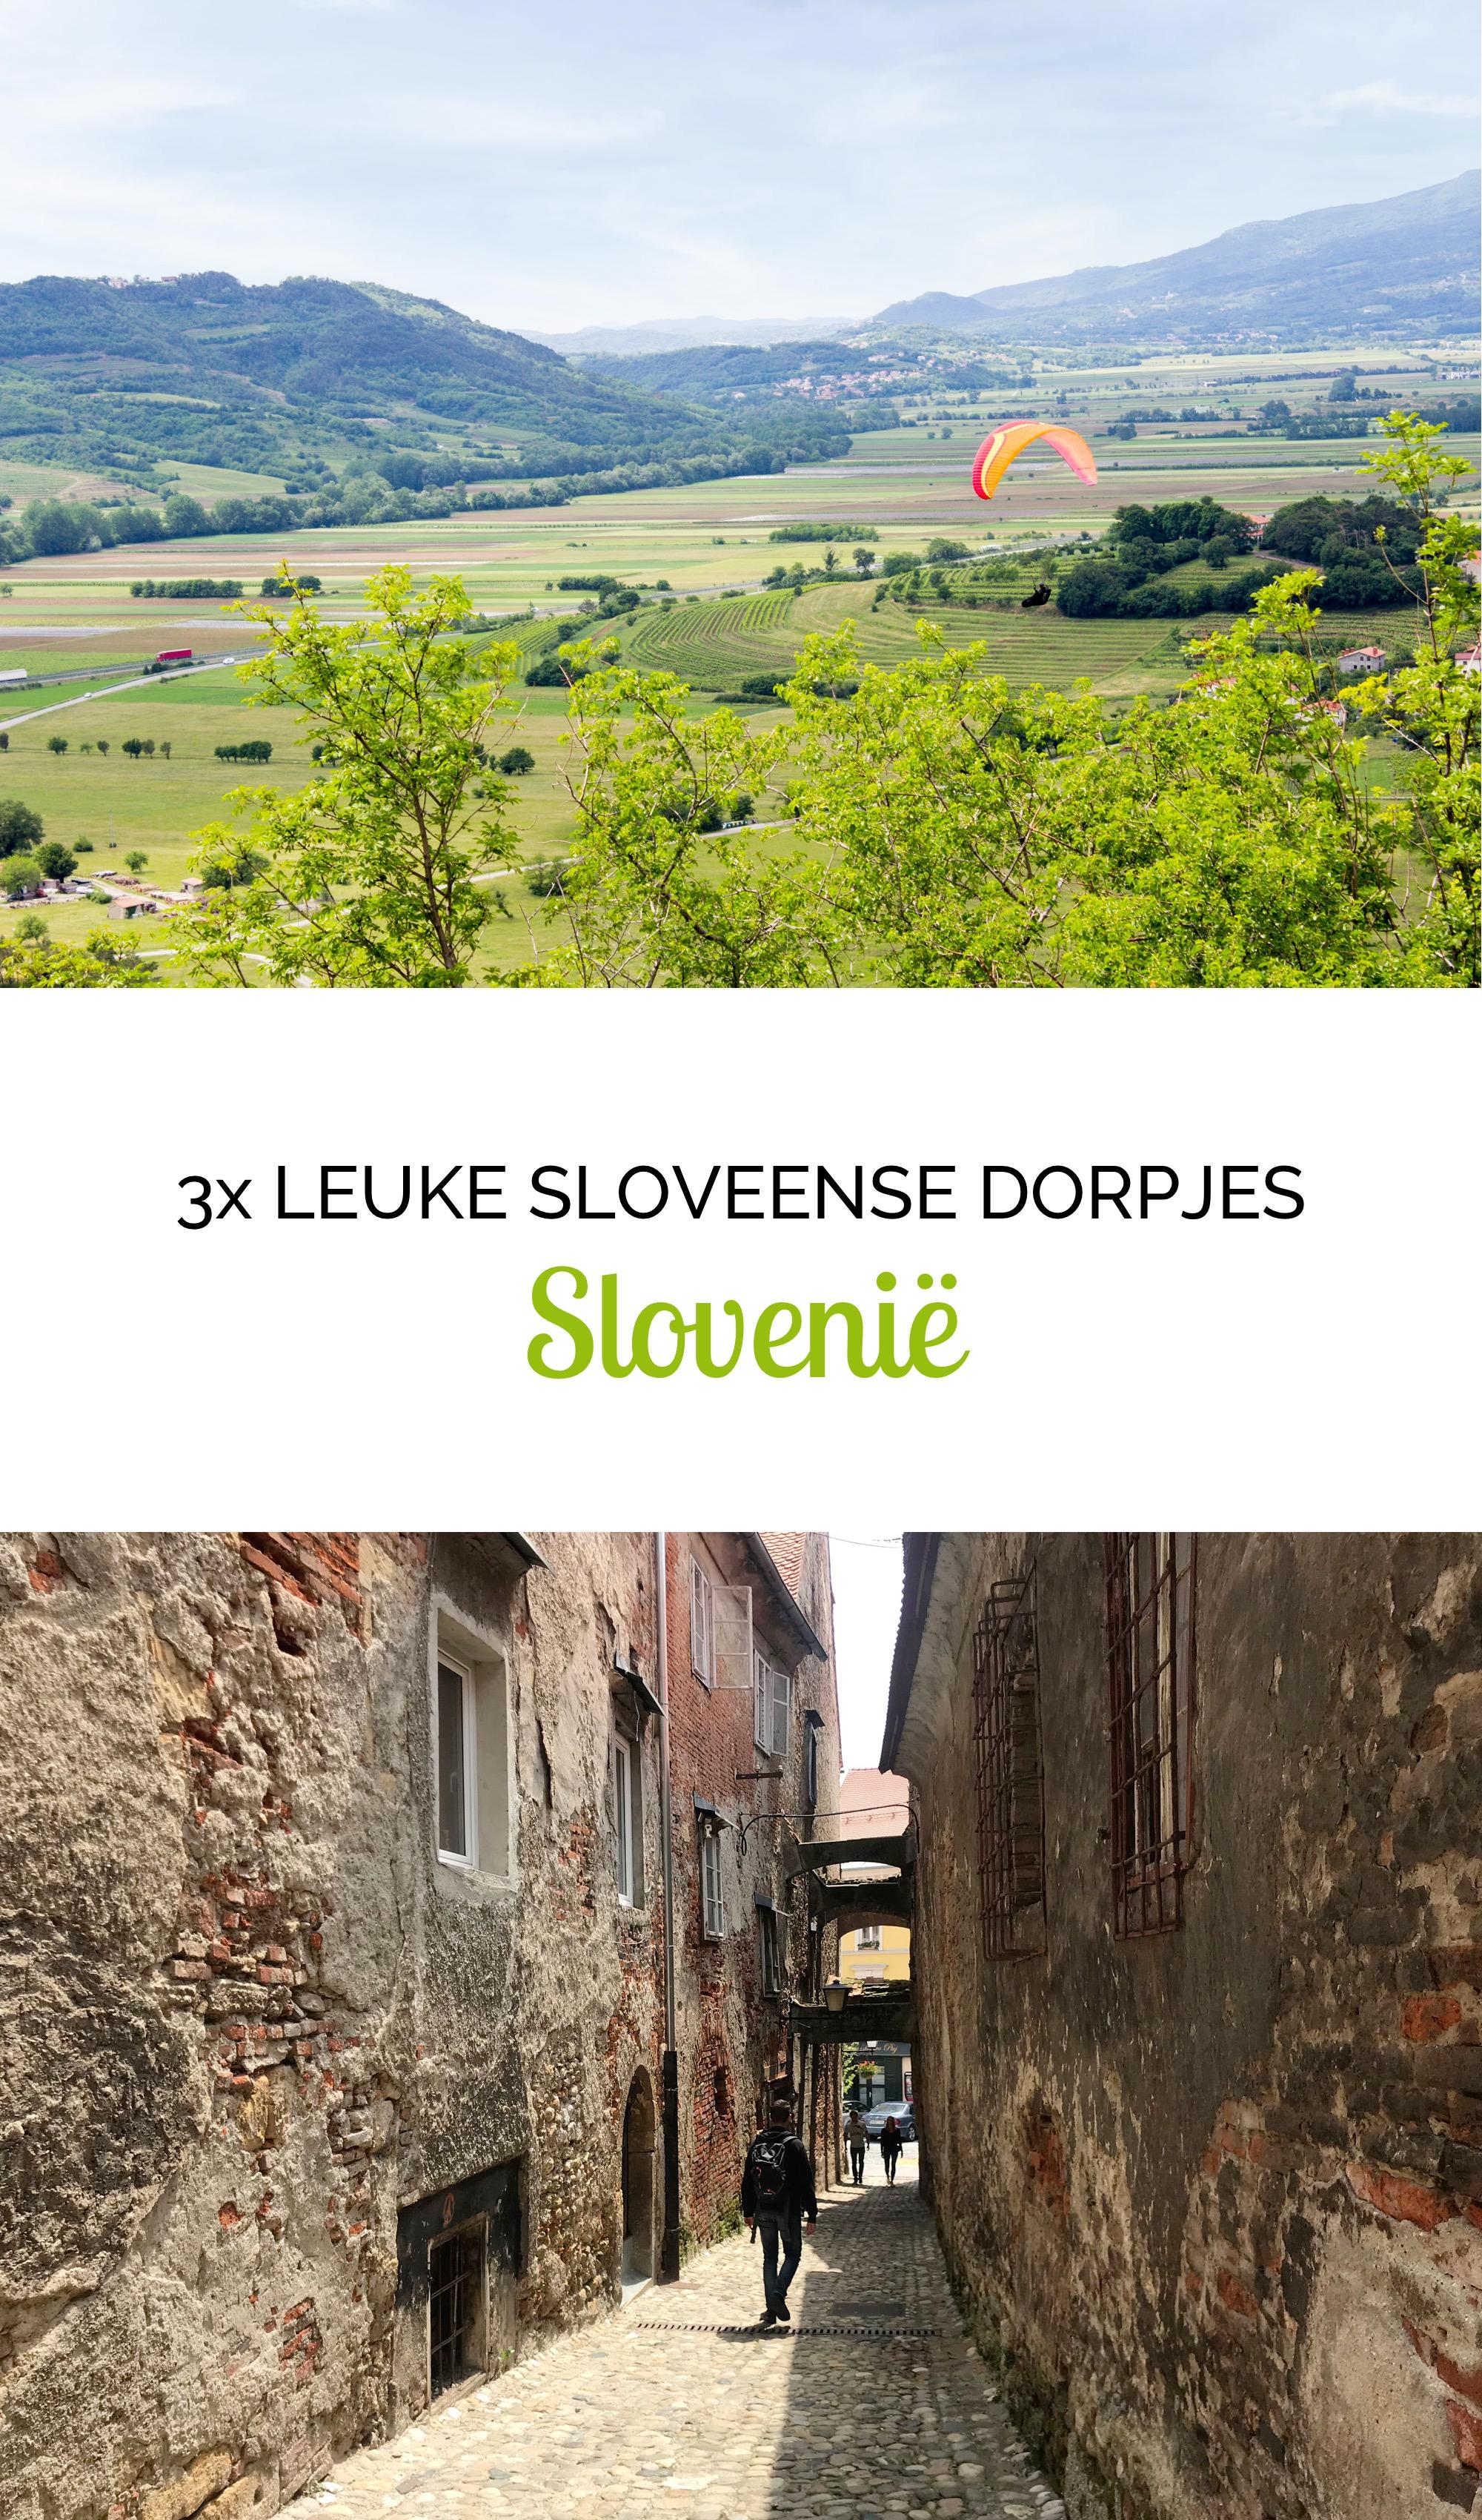 3x leuke Sloveense dorpjes